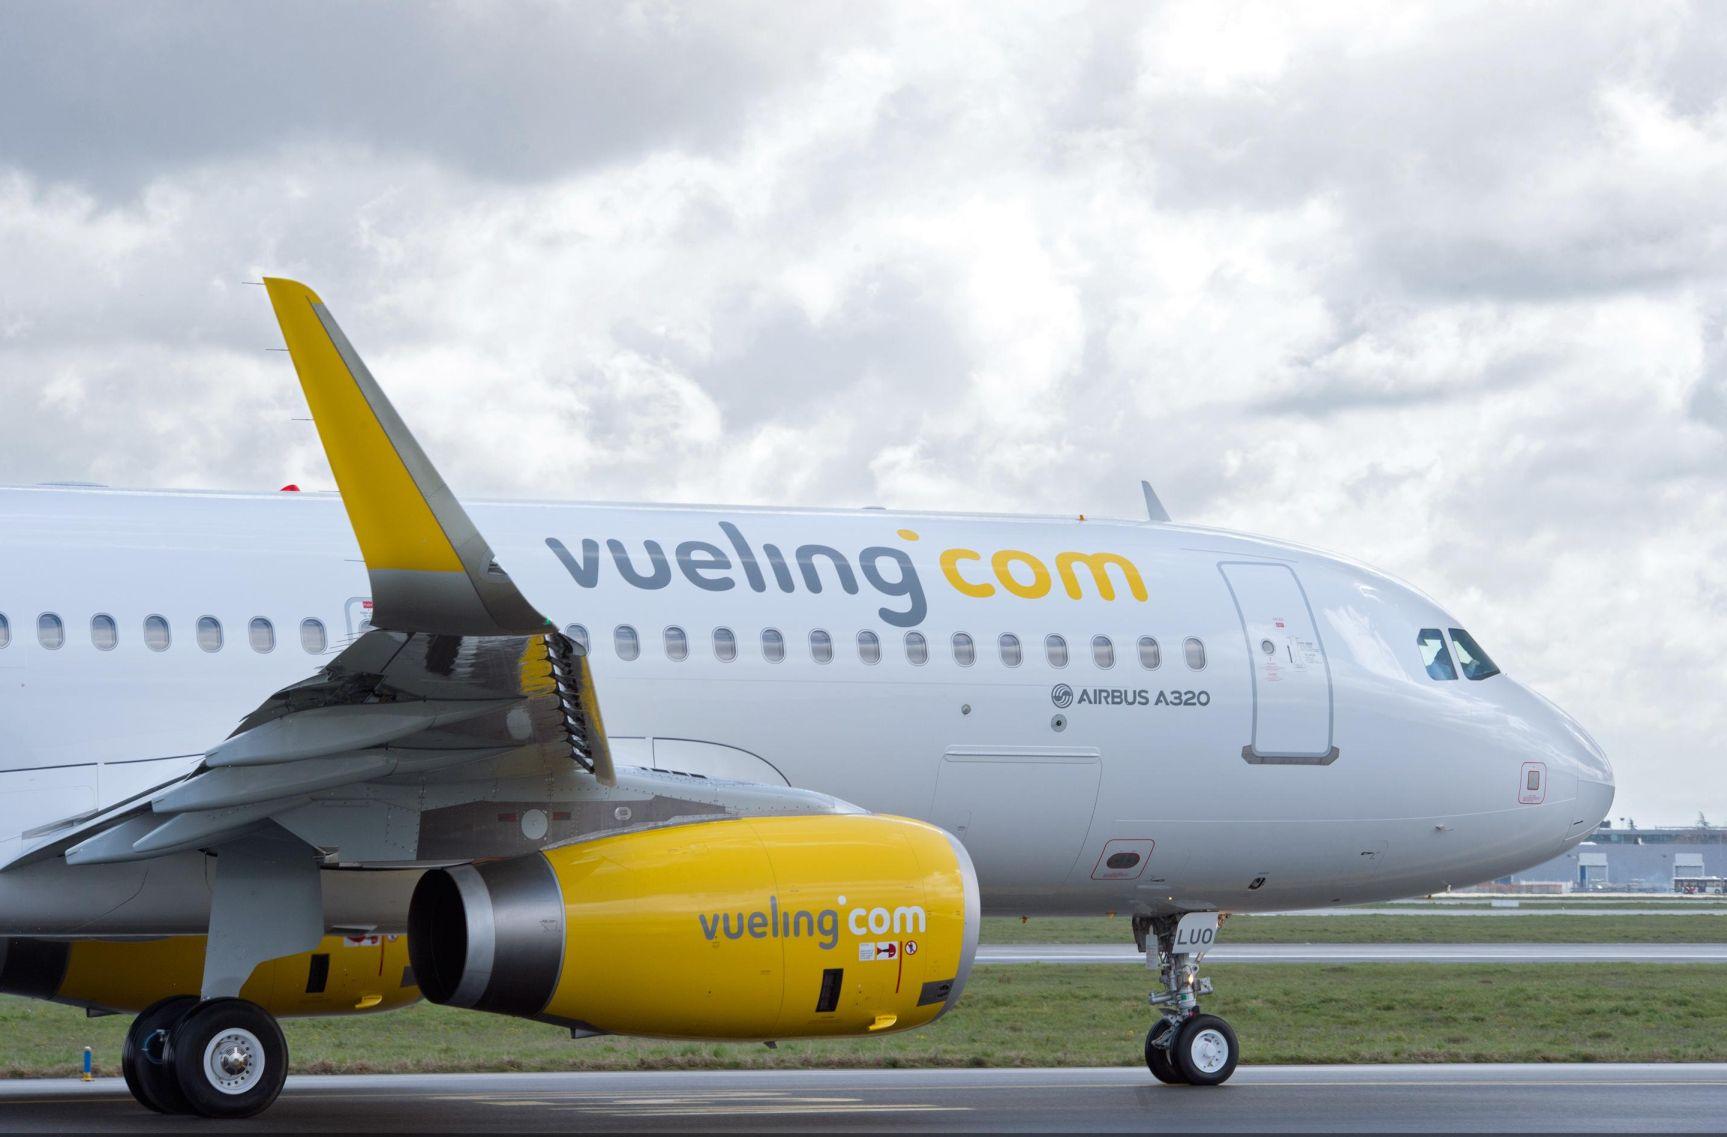 Vueling-gép: Barcelonában egy 320-as nem tudott elstartolni